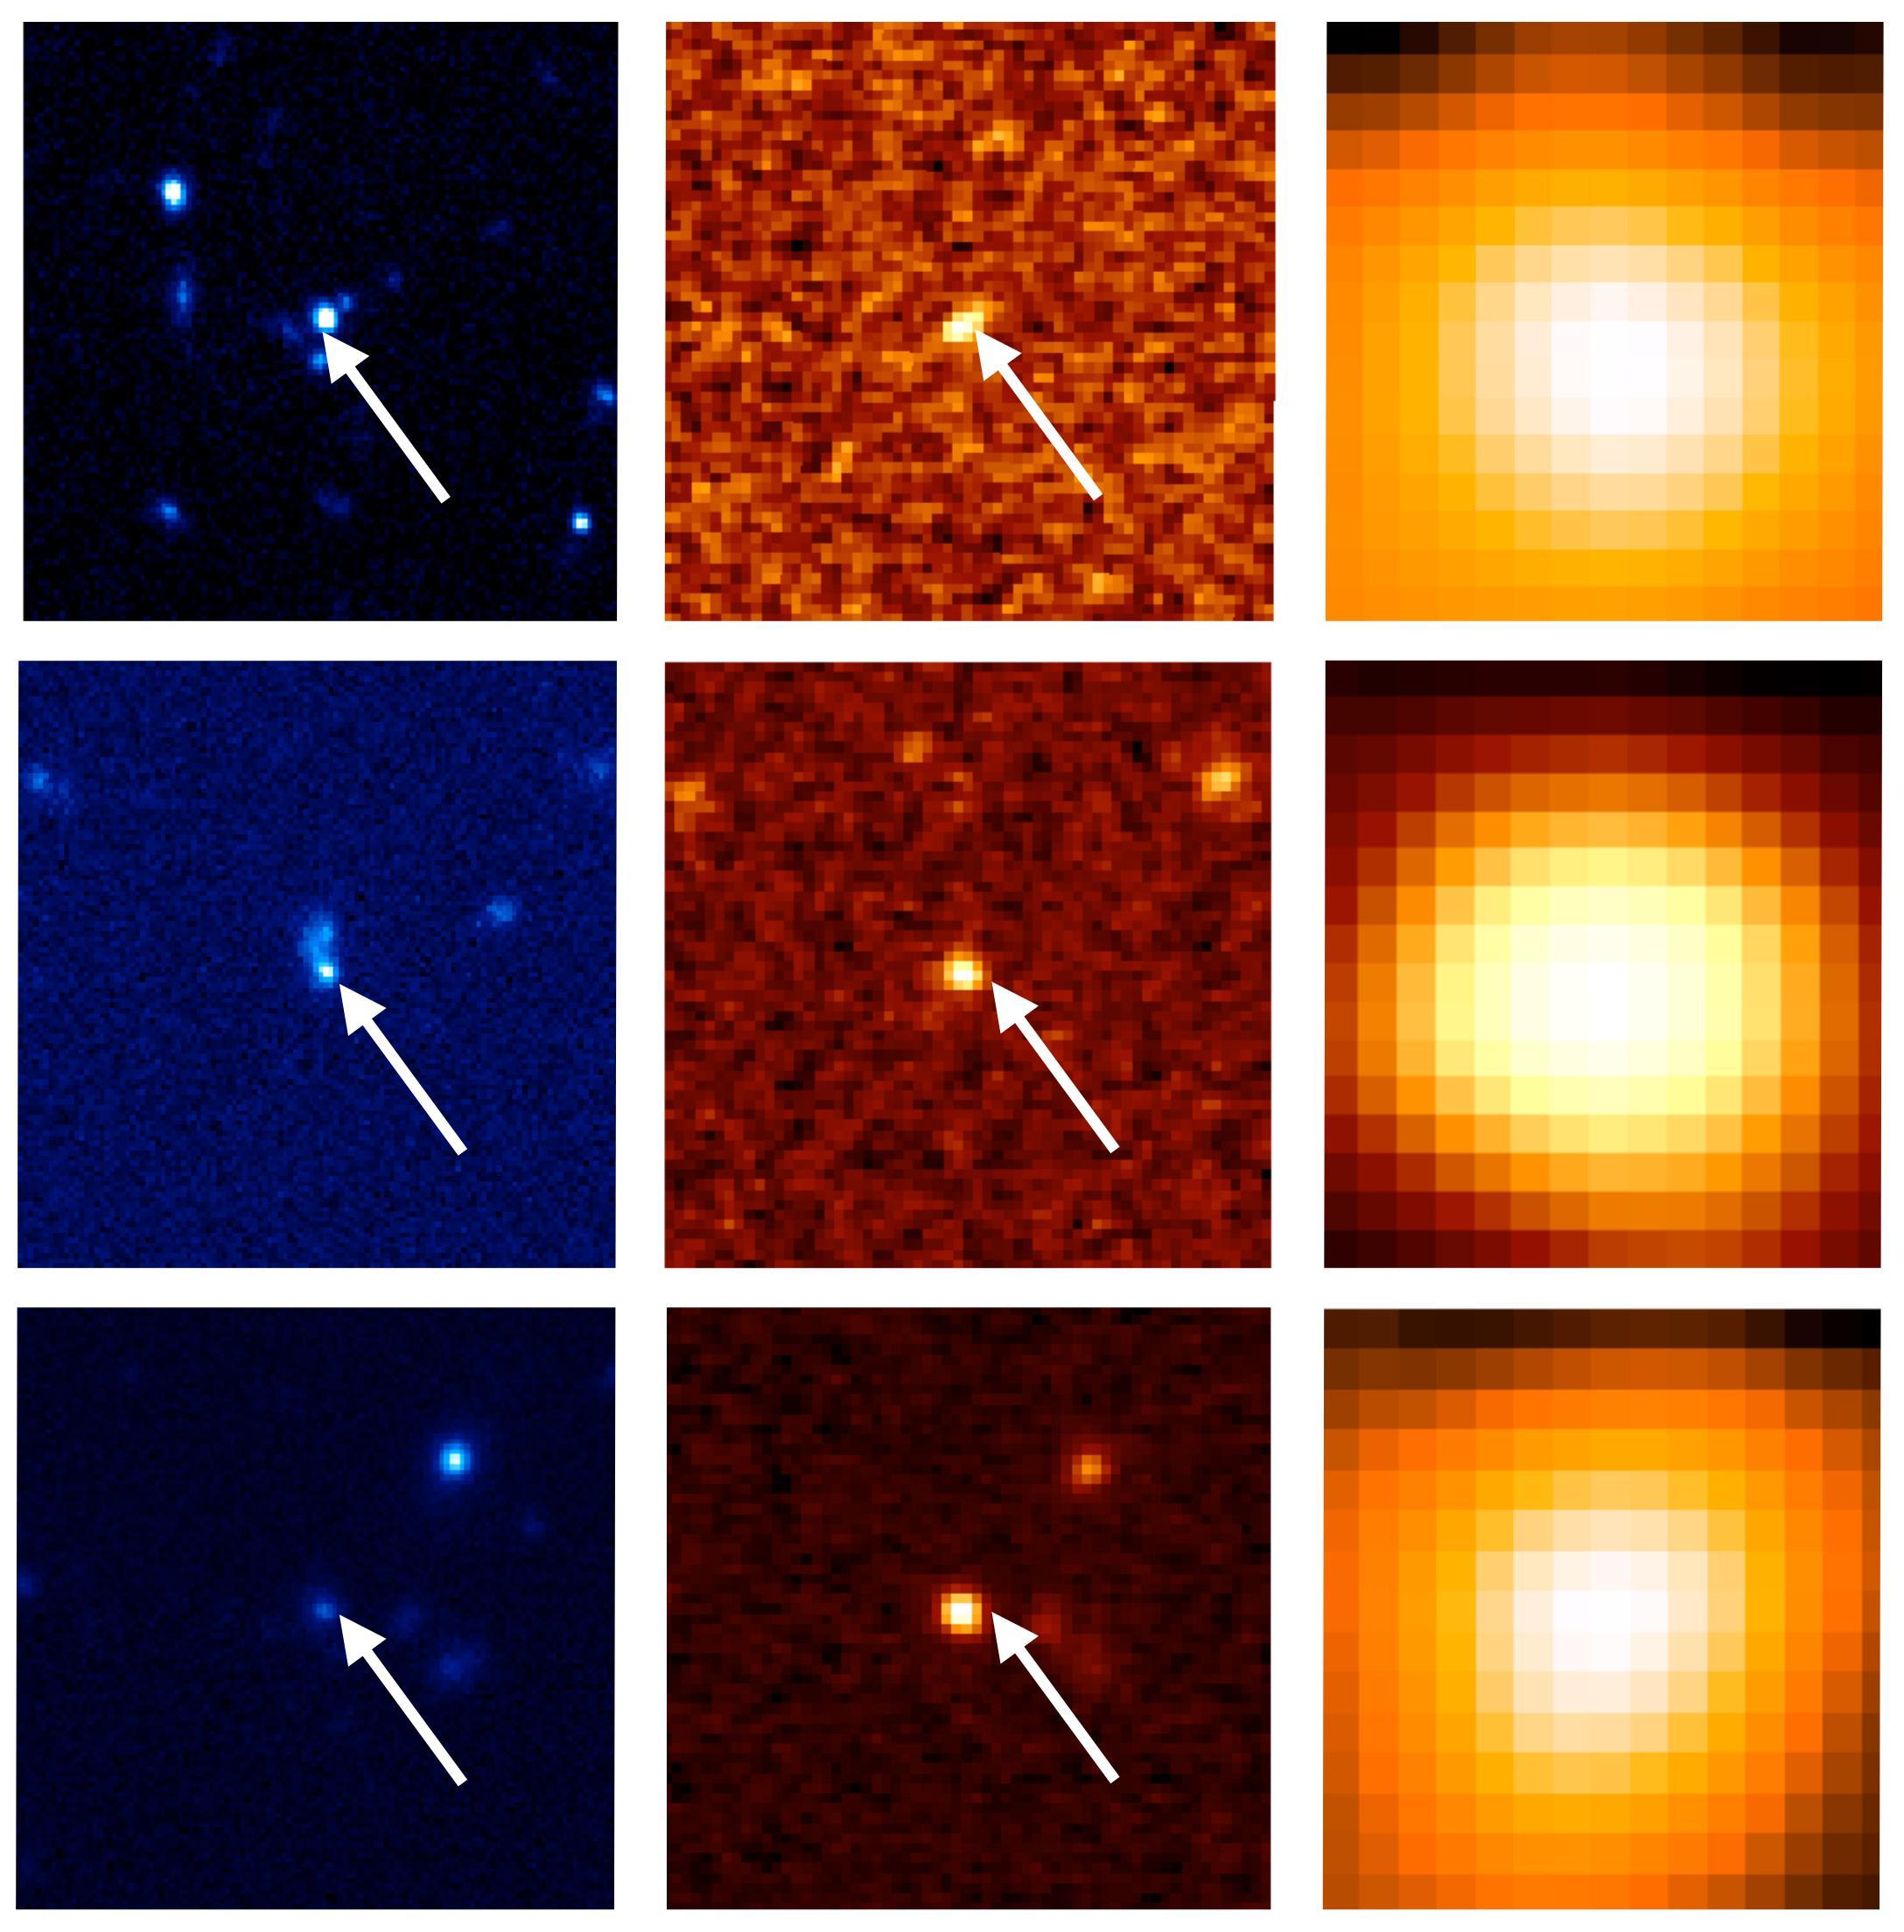 すばる望遠鏡 HSC で見えてきた、急成長を遂げつつある銀河と超巨大ブラックホール 図